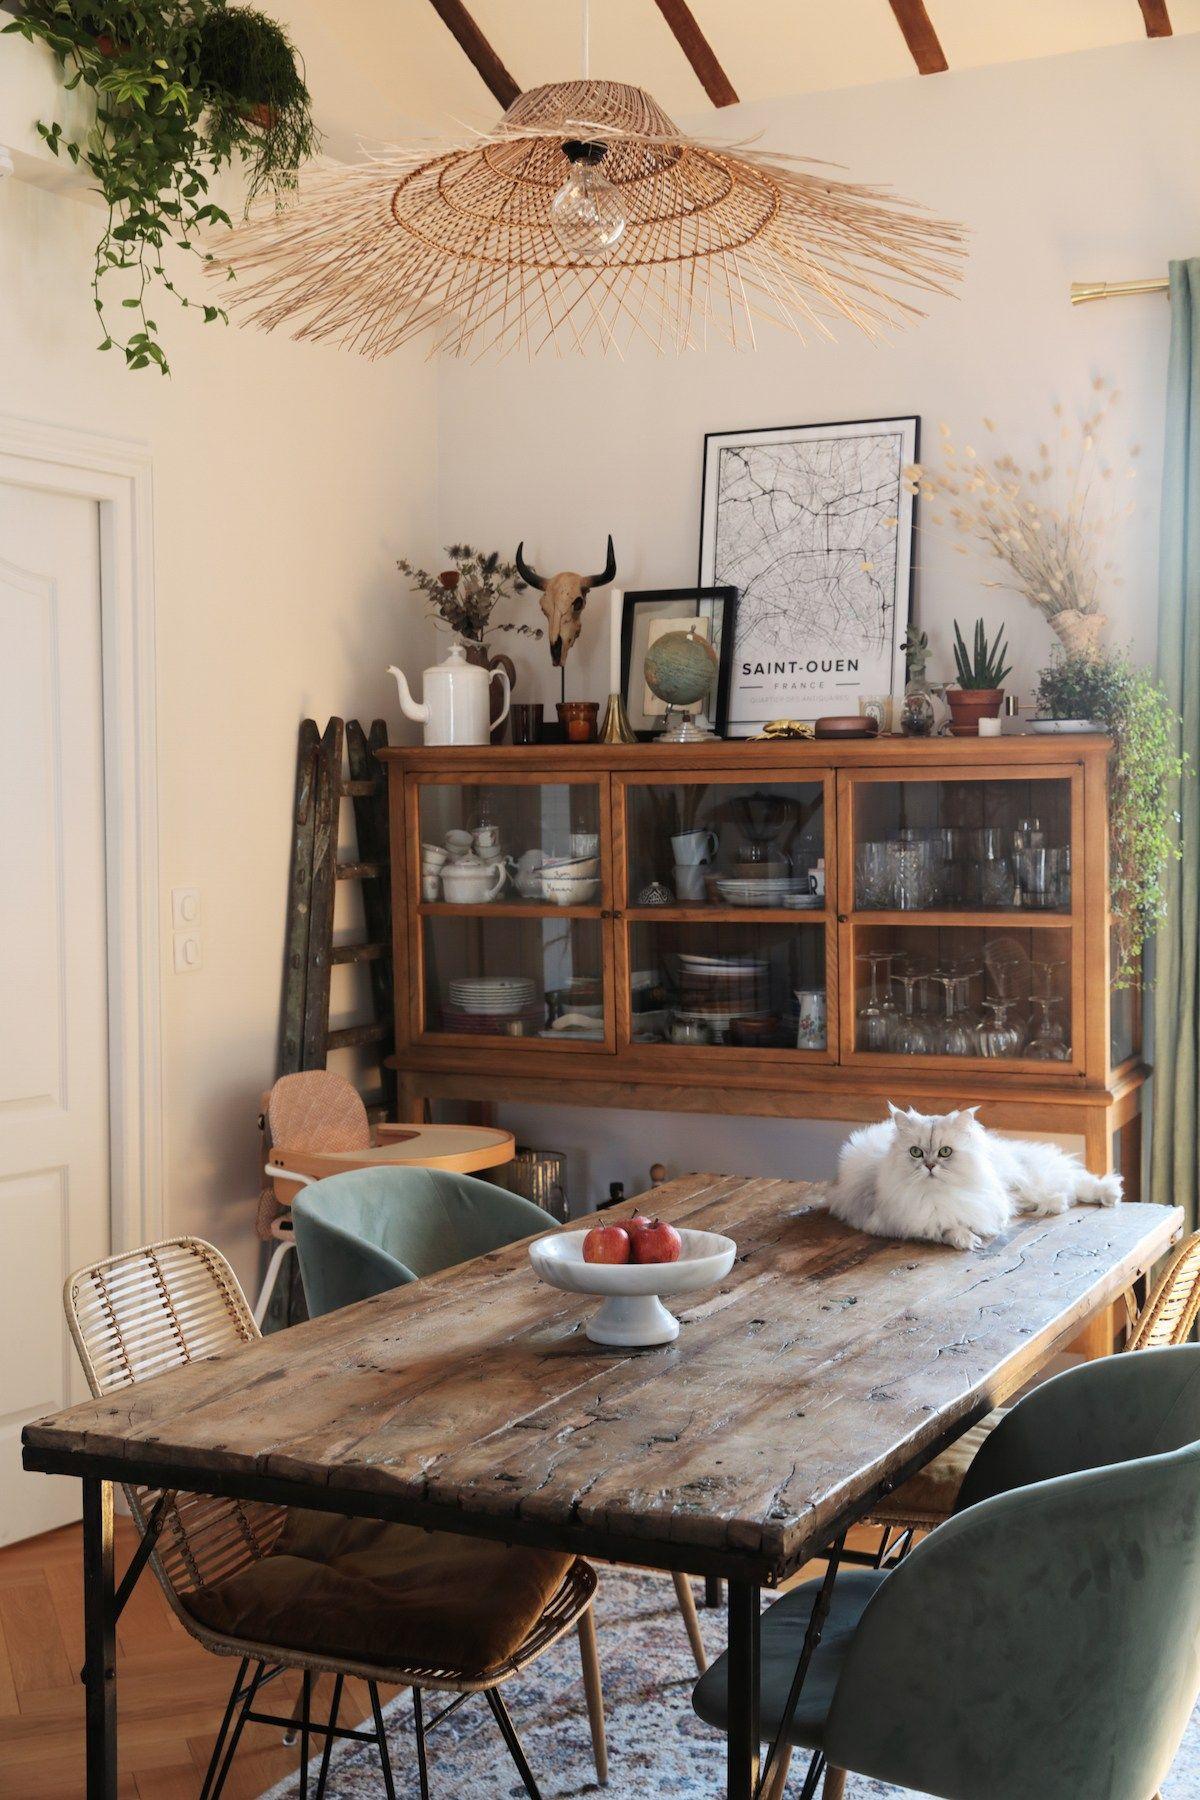 Bienvenue dans le duplex bohème de Chloé & You - Hëllø Blogzine